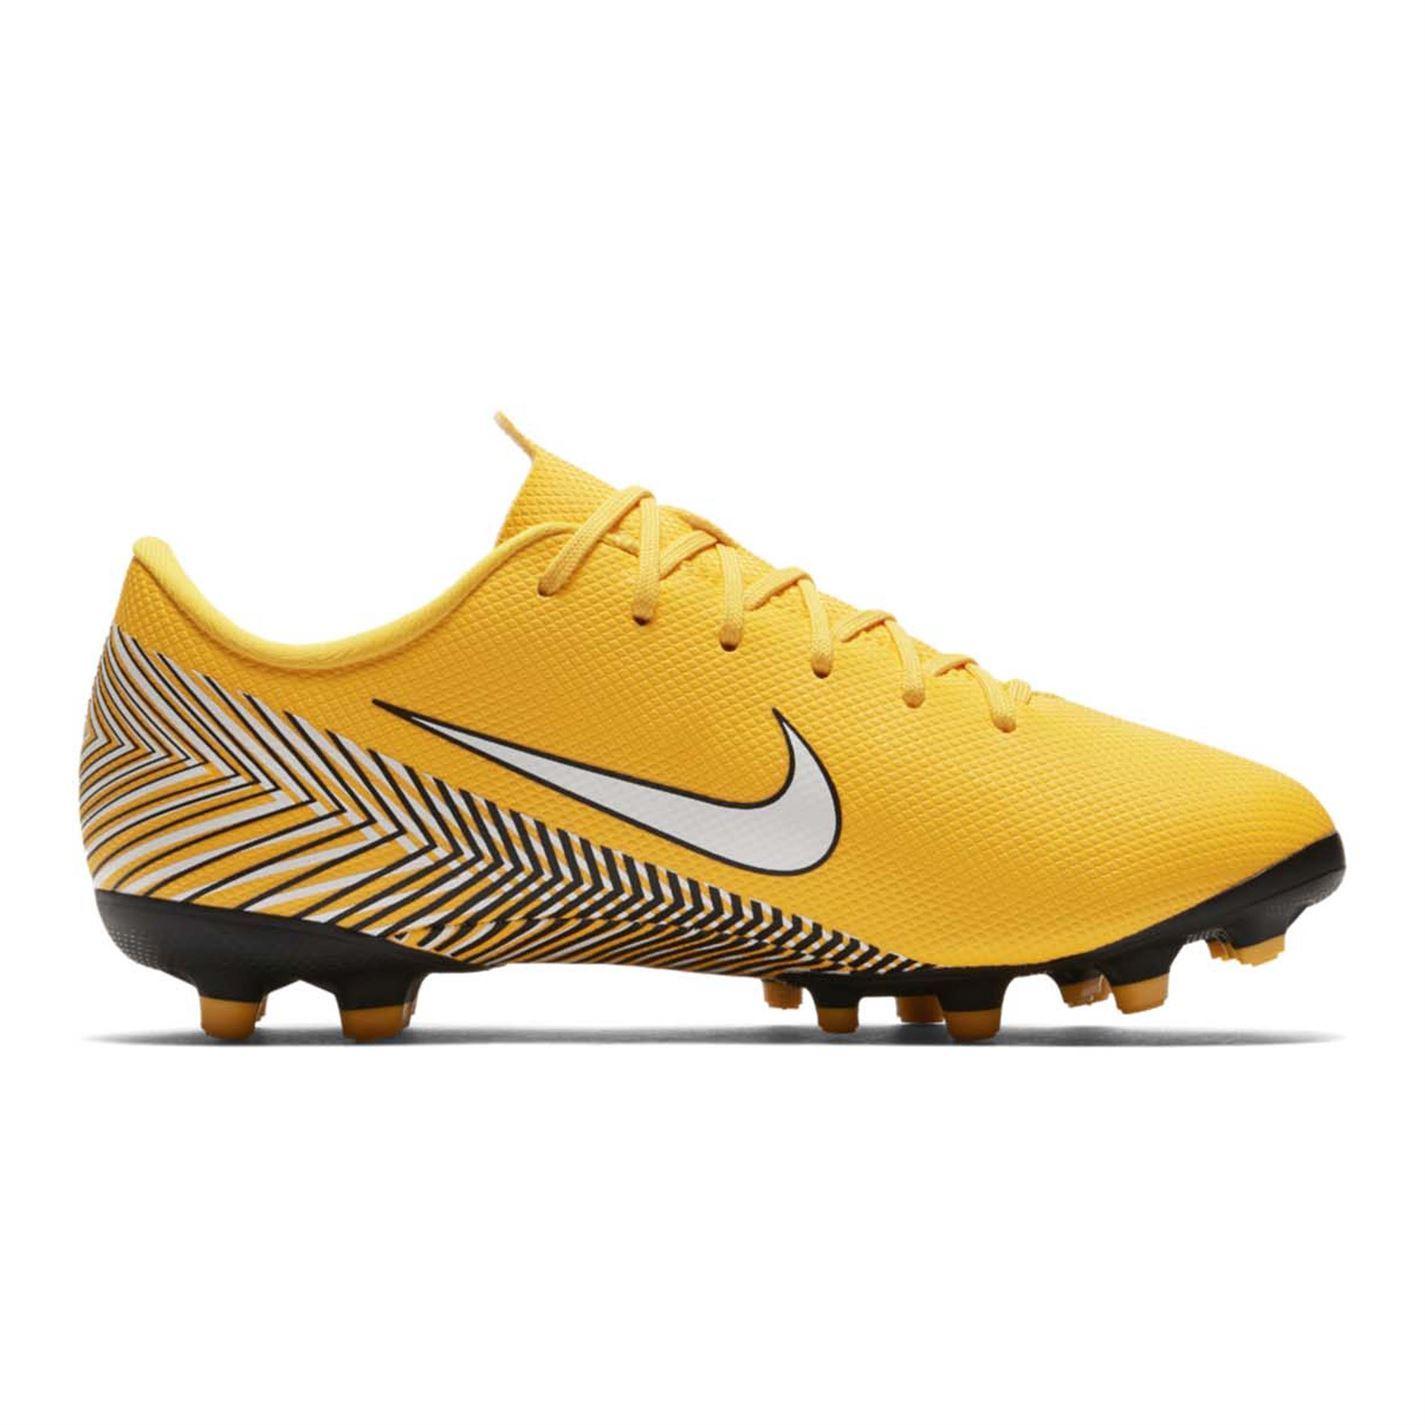 7ad402e5c42927 Details zu Nike Mercurial Vapor Akademie Neymar Fußballschuhe Junior Gelb  Fußball Stollen